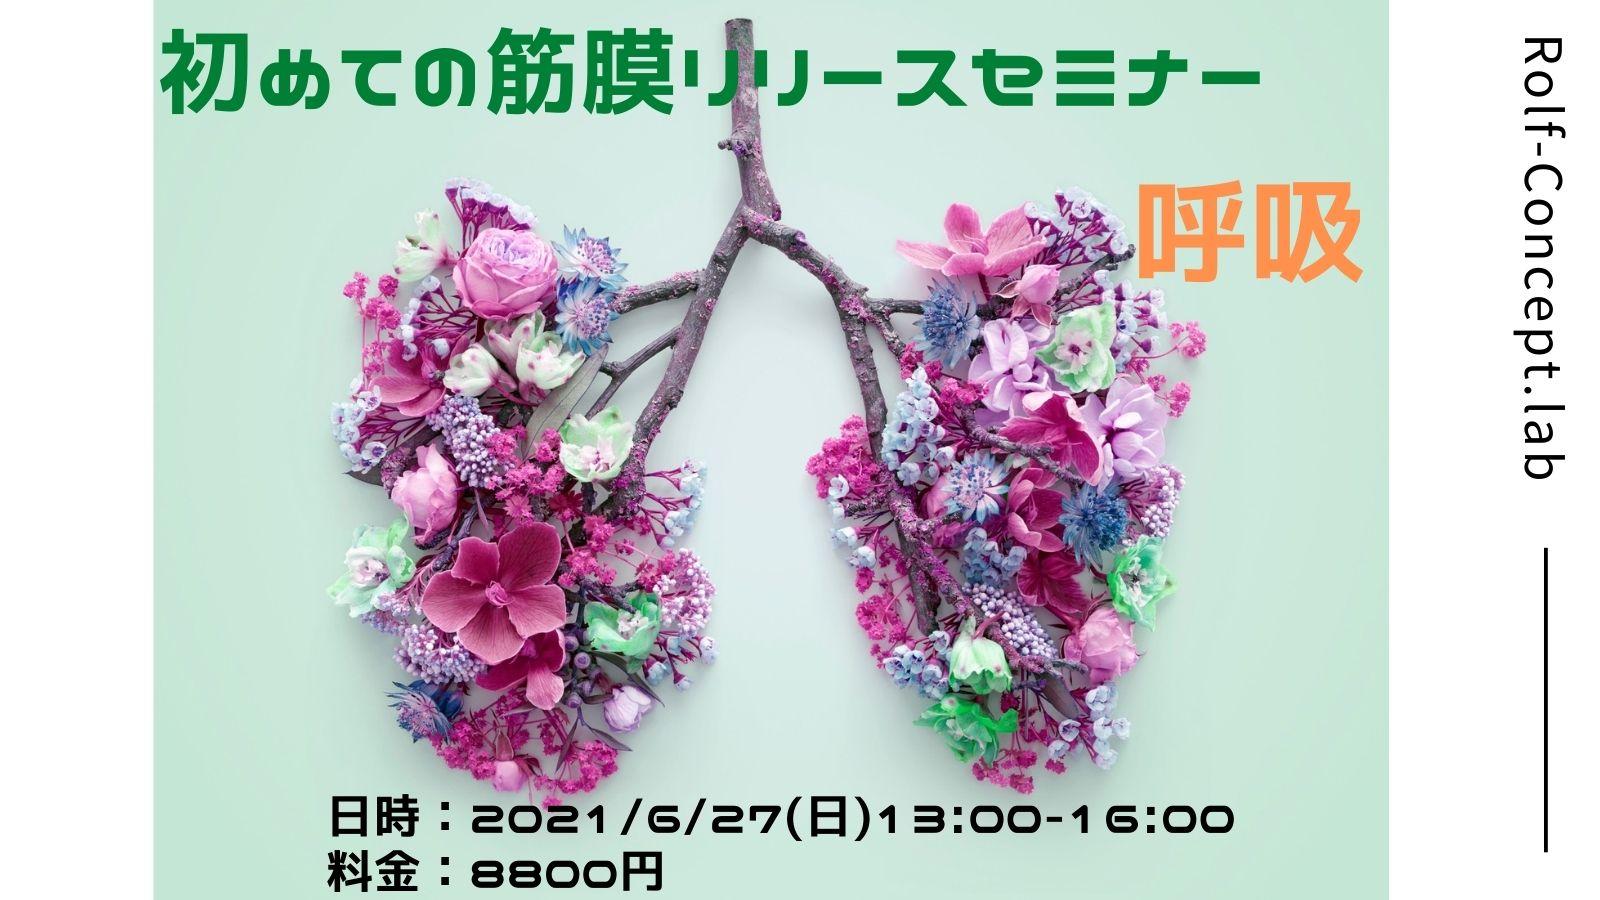 2021/6/27(日) 初めての筋膜リリースセミナー 「呼吸」in 千葉